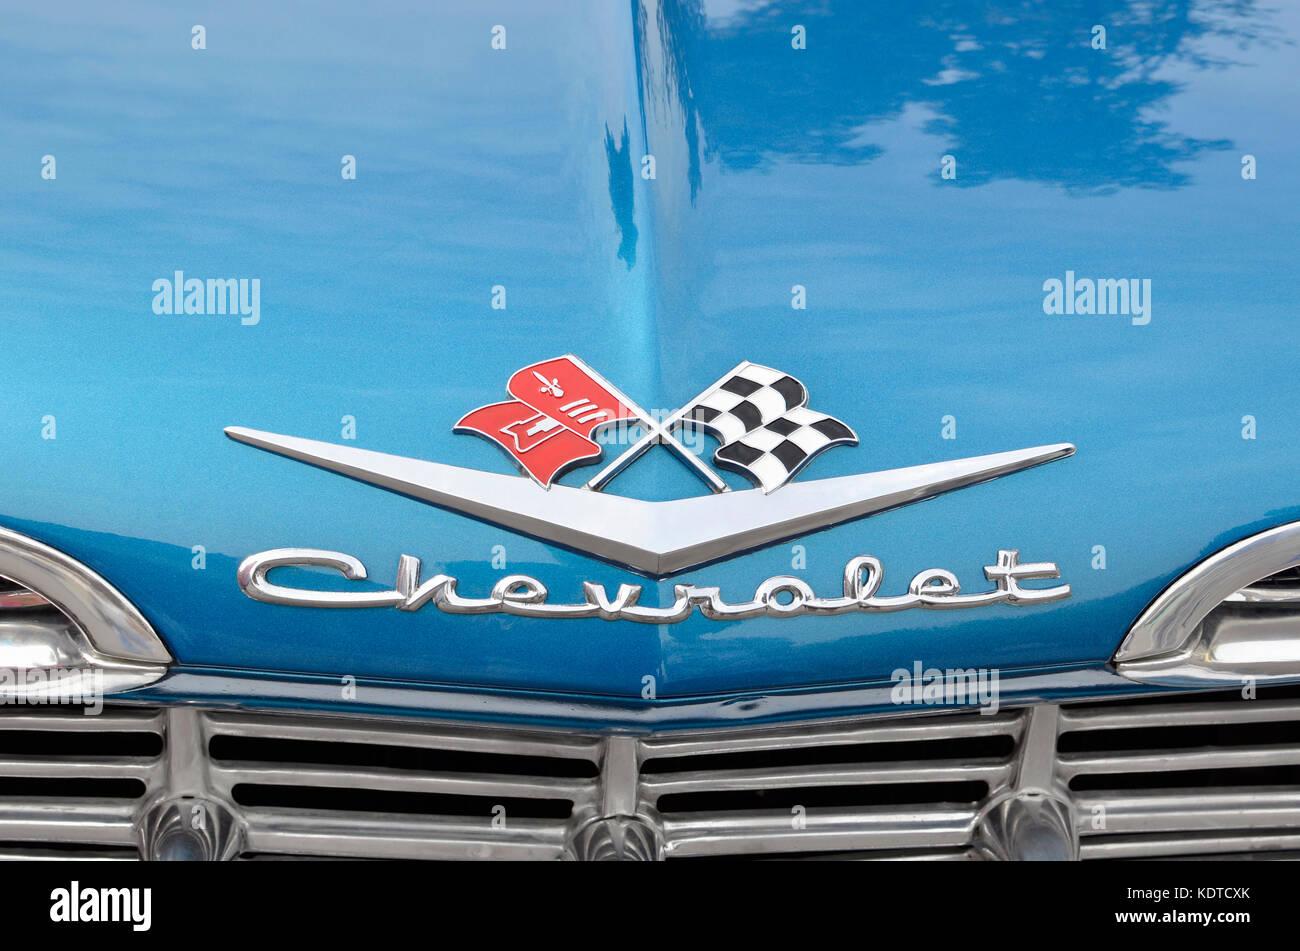 Chevy hood emblem stock photos chevy hood emblem stock - Spa torrejon de ardoz ...